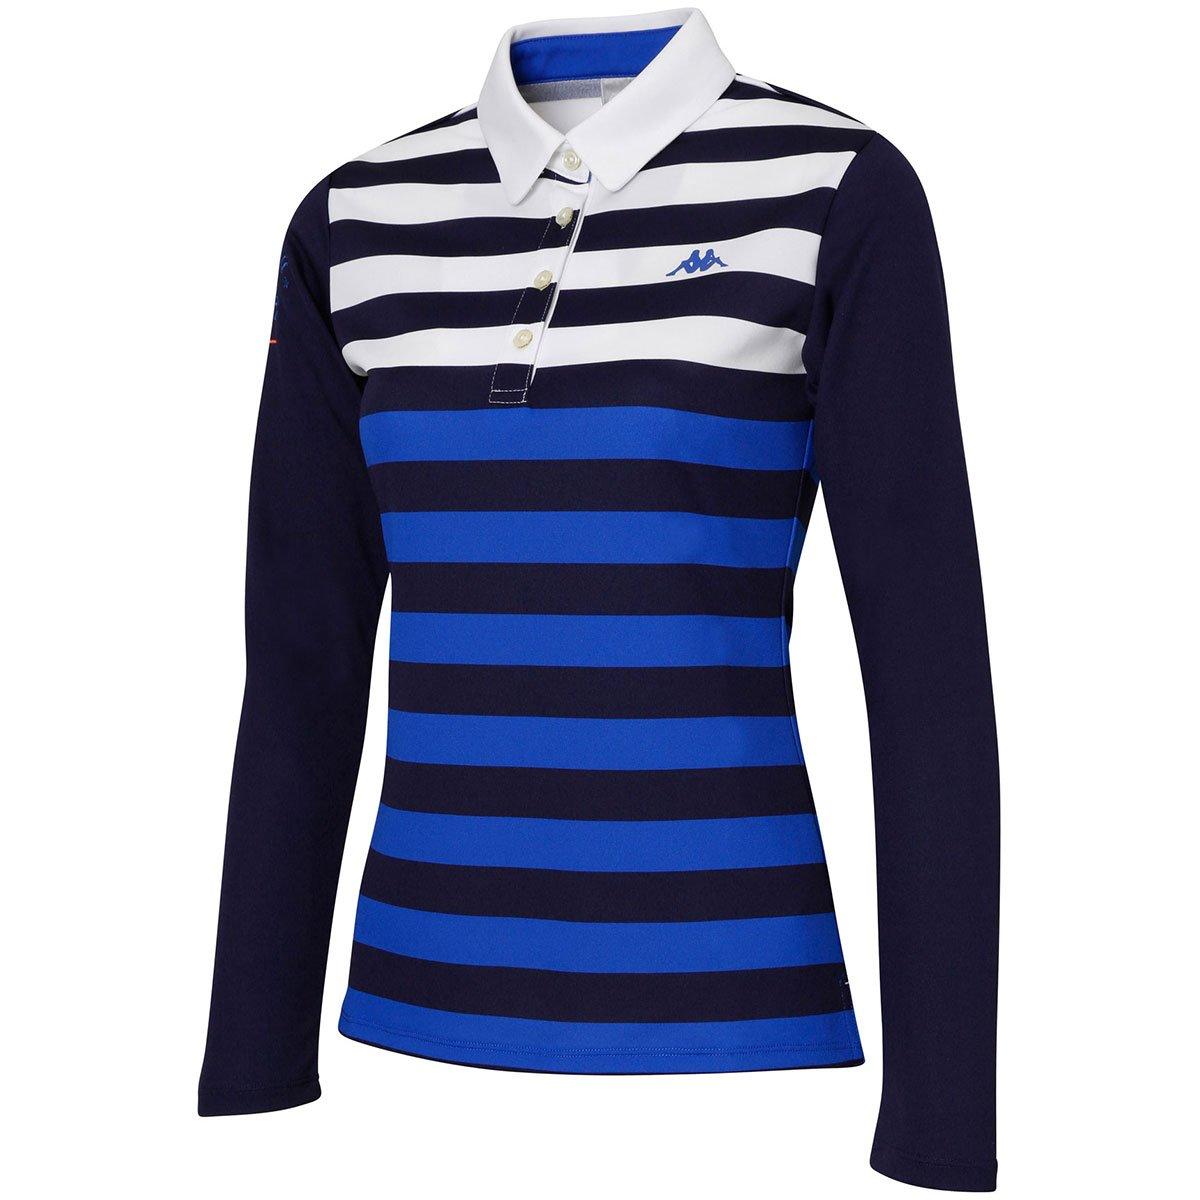 カッパ Kappa 長袖シャツポロシャツ ITALIA マルチボーダー長袖ポロシャツ KC722LS71 レディス M ブルー B0763JQKD9